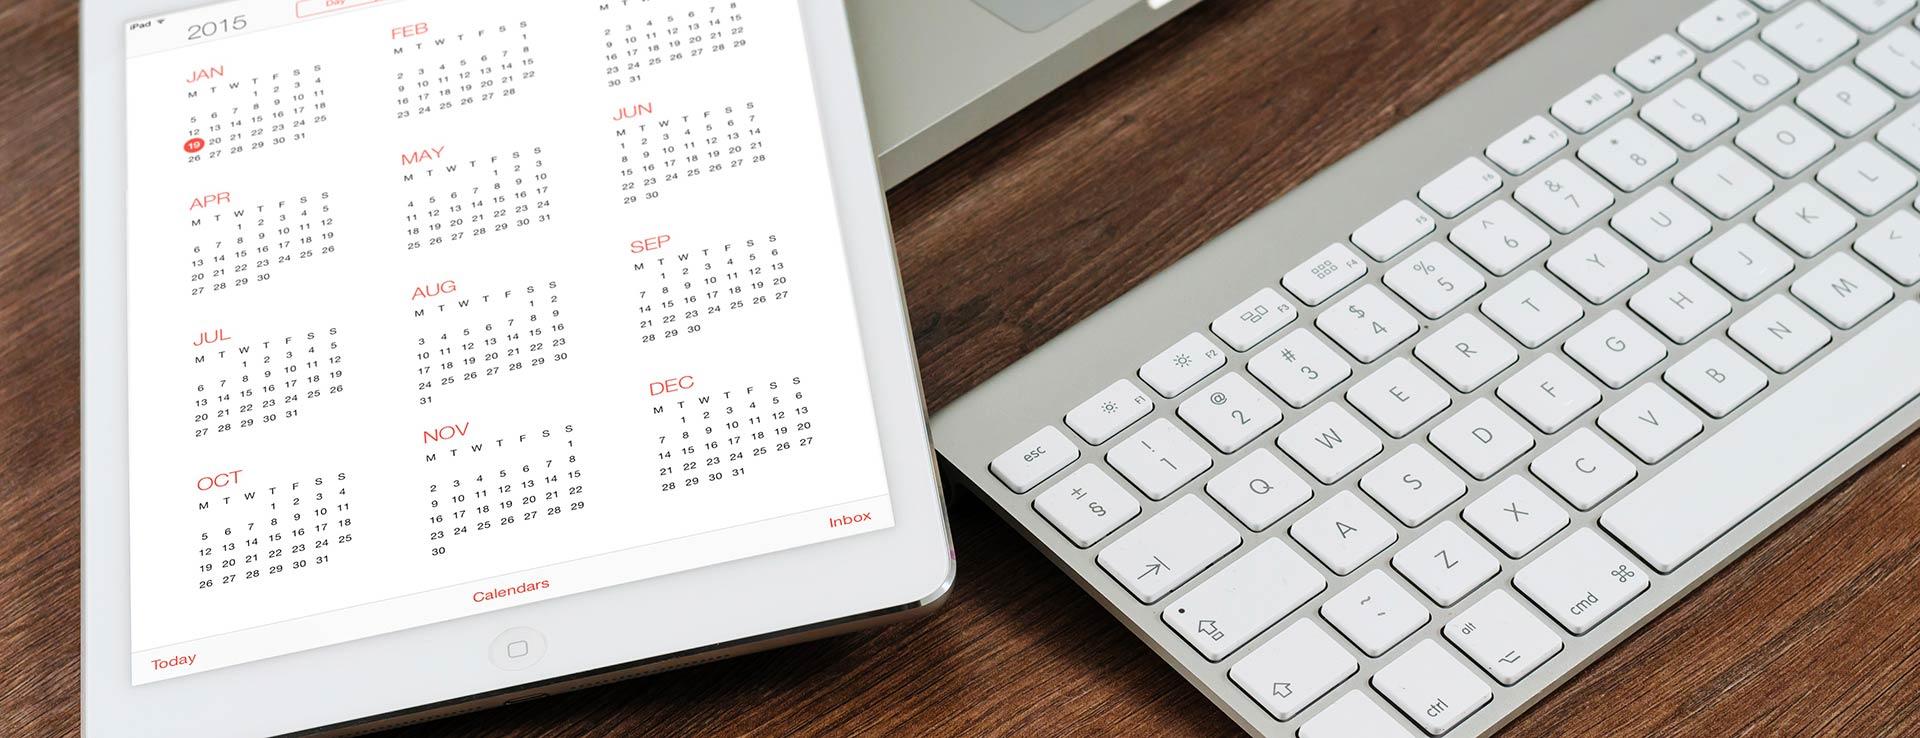 Ipad et clavier avec calendrier